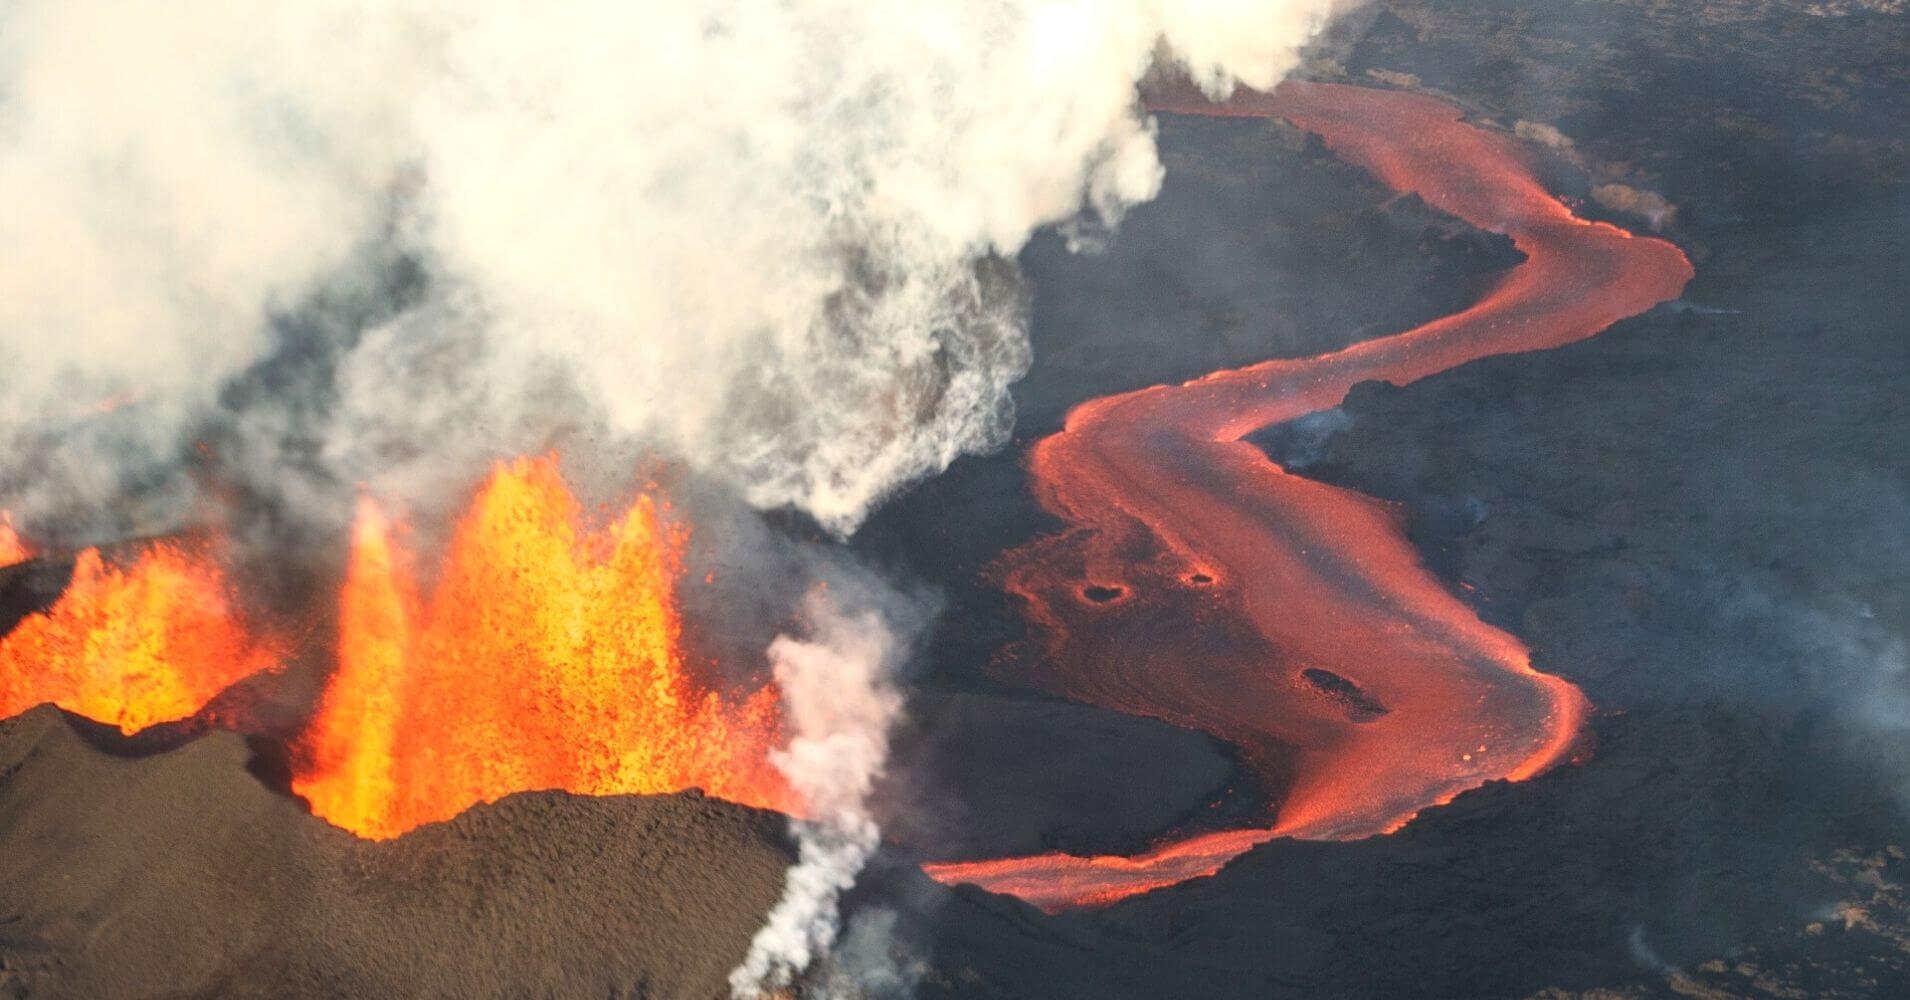 Volcán Barðarbunga. Norðurland Eystra. Islandia.